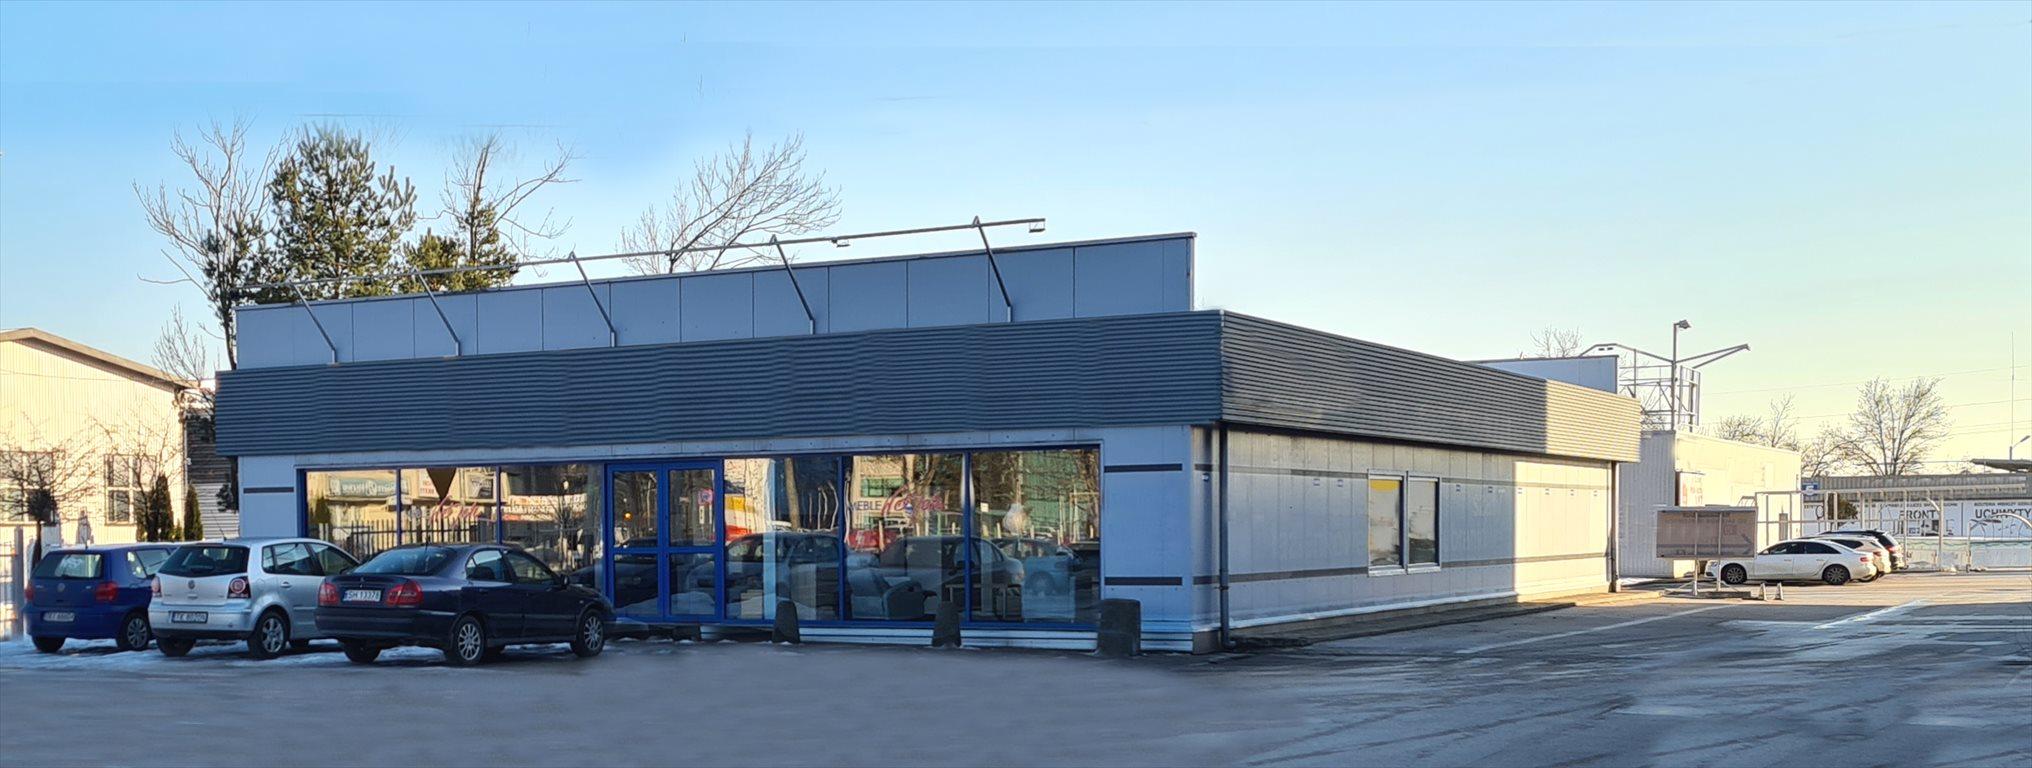 Lokal użytkowy na wynajem Kielce, Olszewskiego  410m2 Foto 1